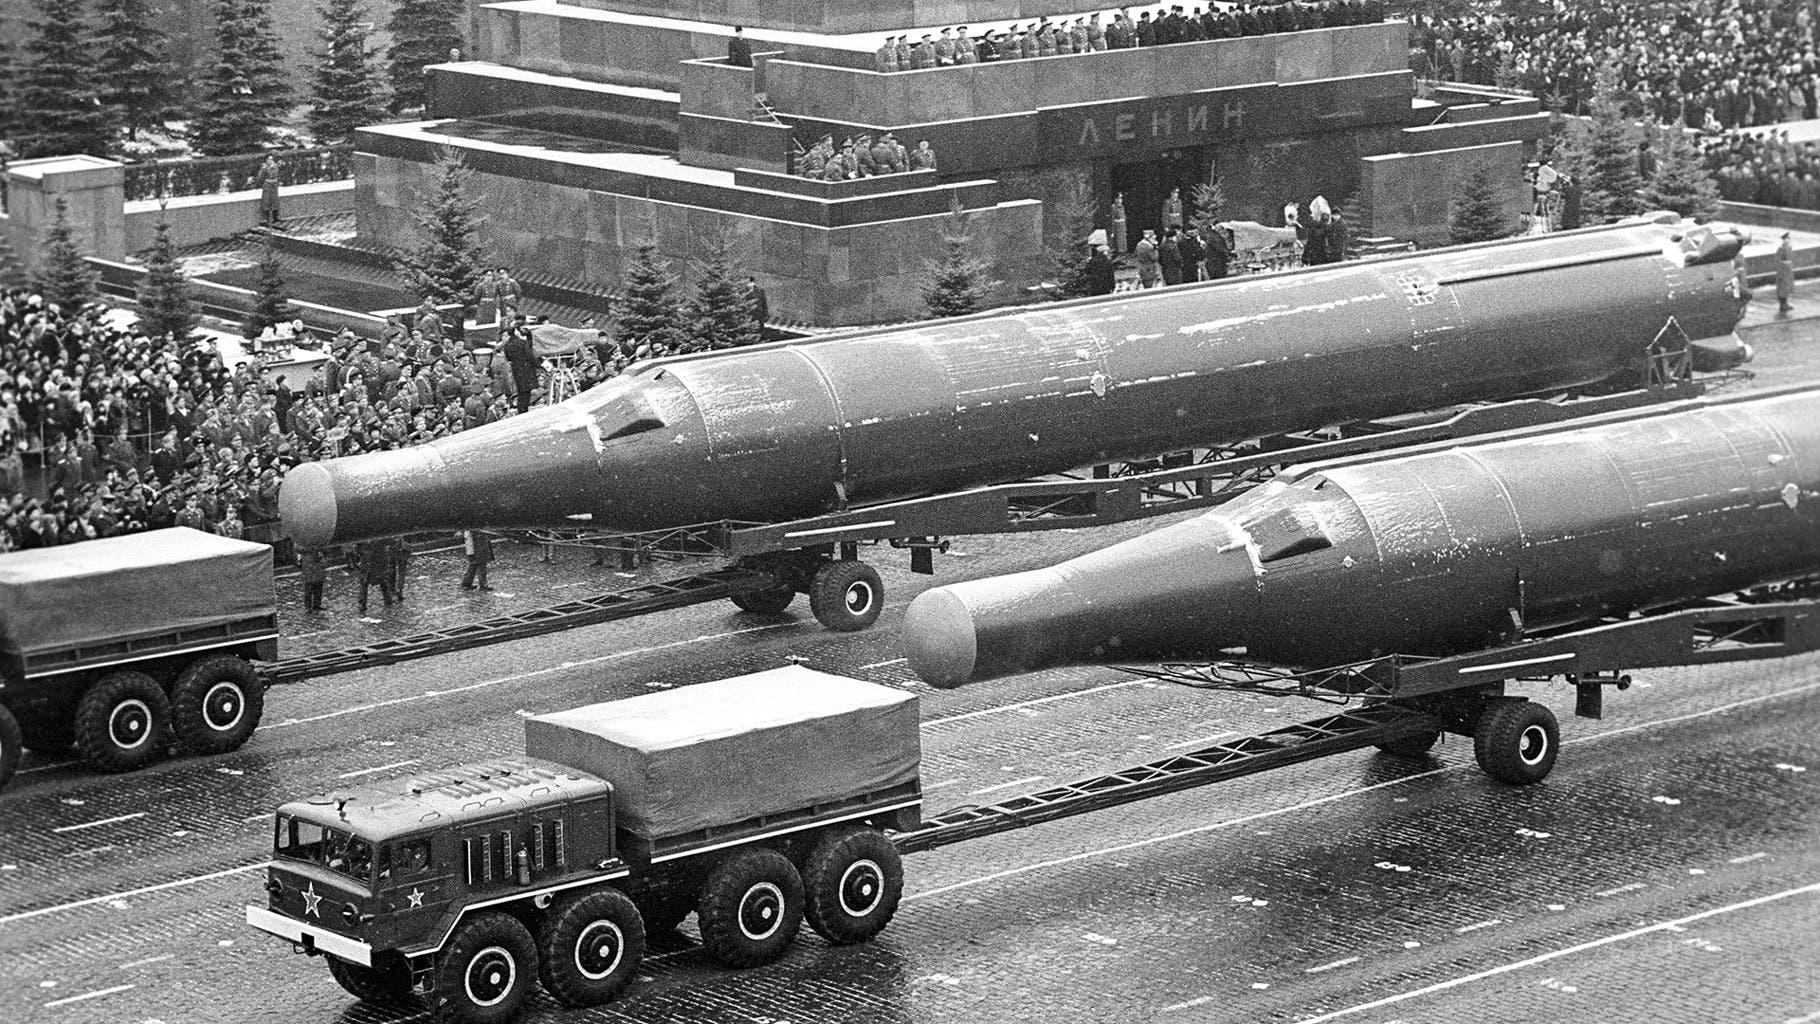 صورة لعدد من الصواريخ السوفيتية العملاقة بالقرن الماضي